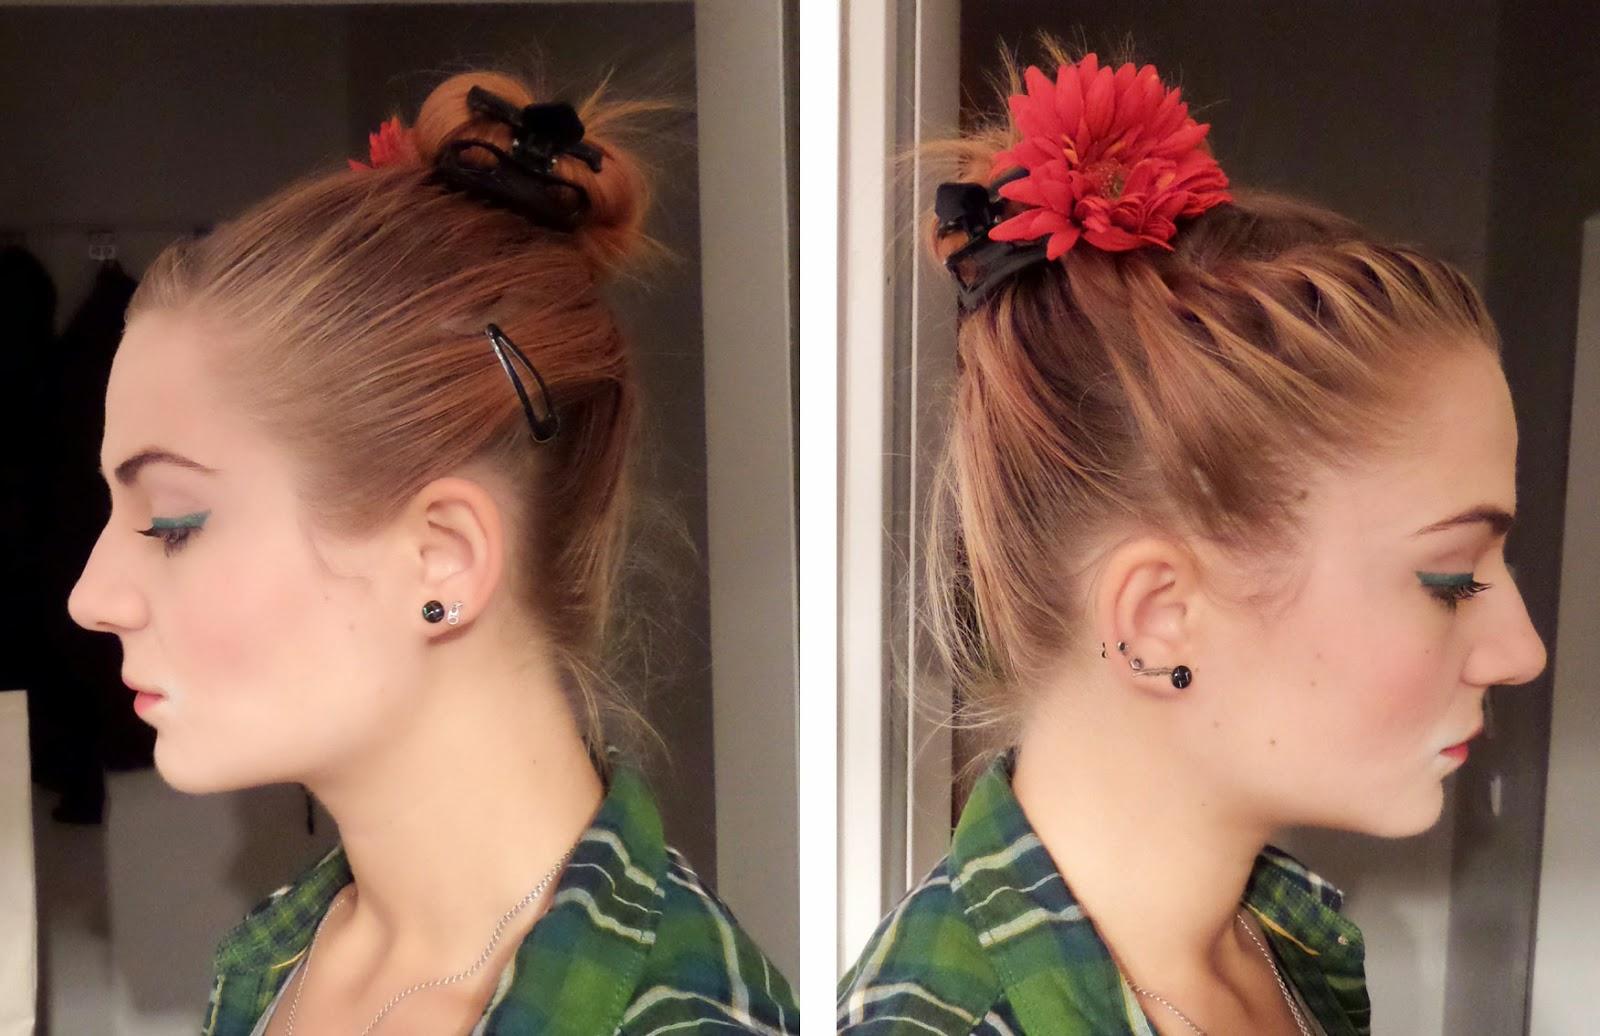 [Mädchenkram] Haare - Sonntagsfrisur #3